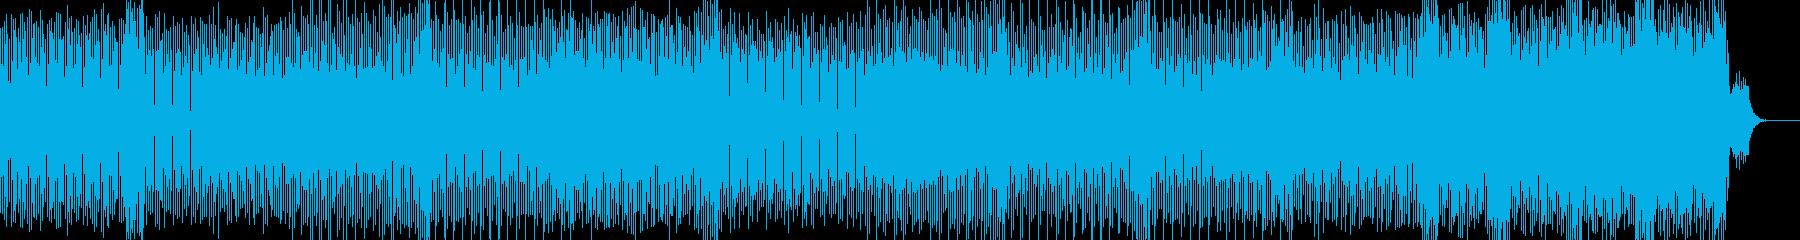 キラキラサウンドの爽やかなダンスポップの再生済みの波形